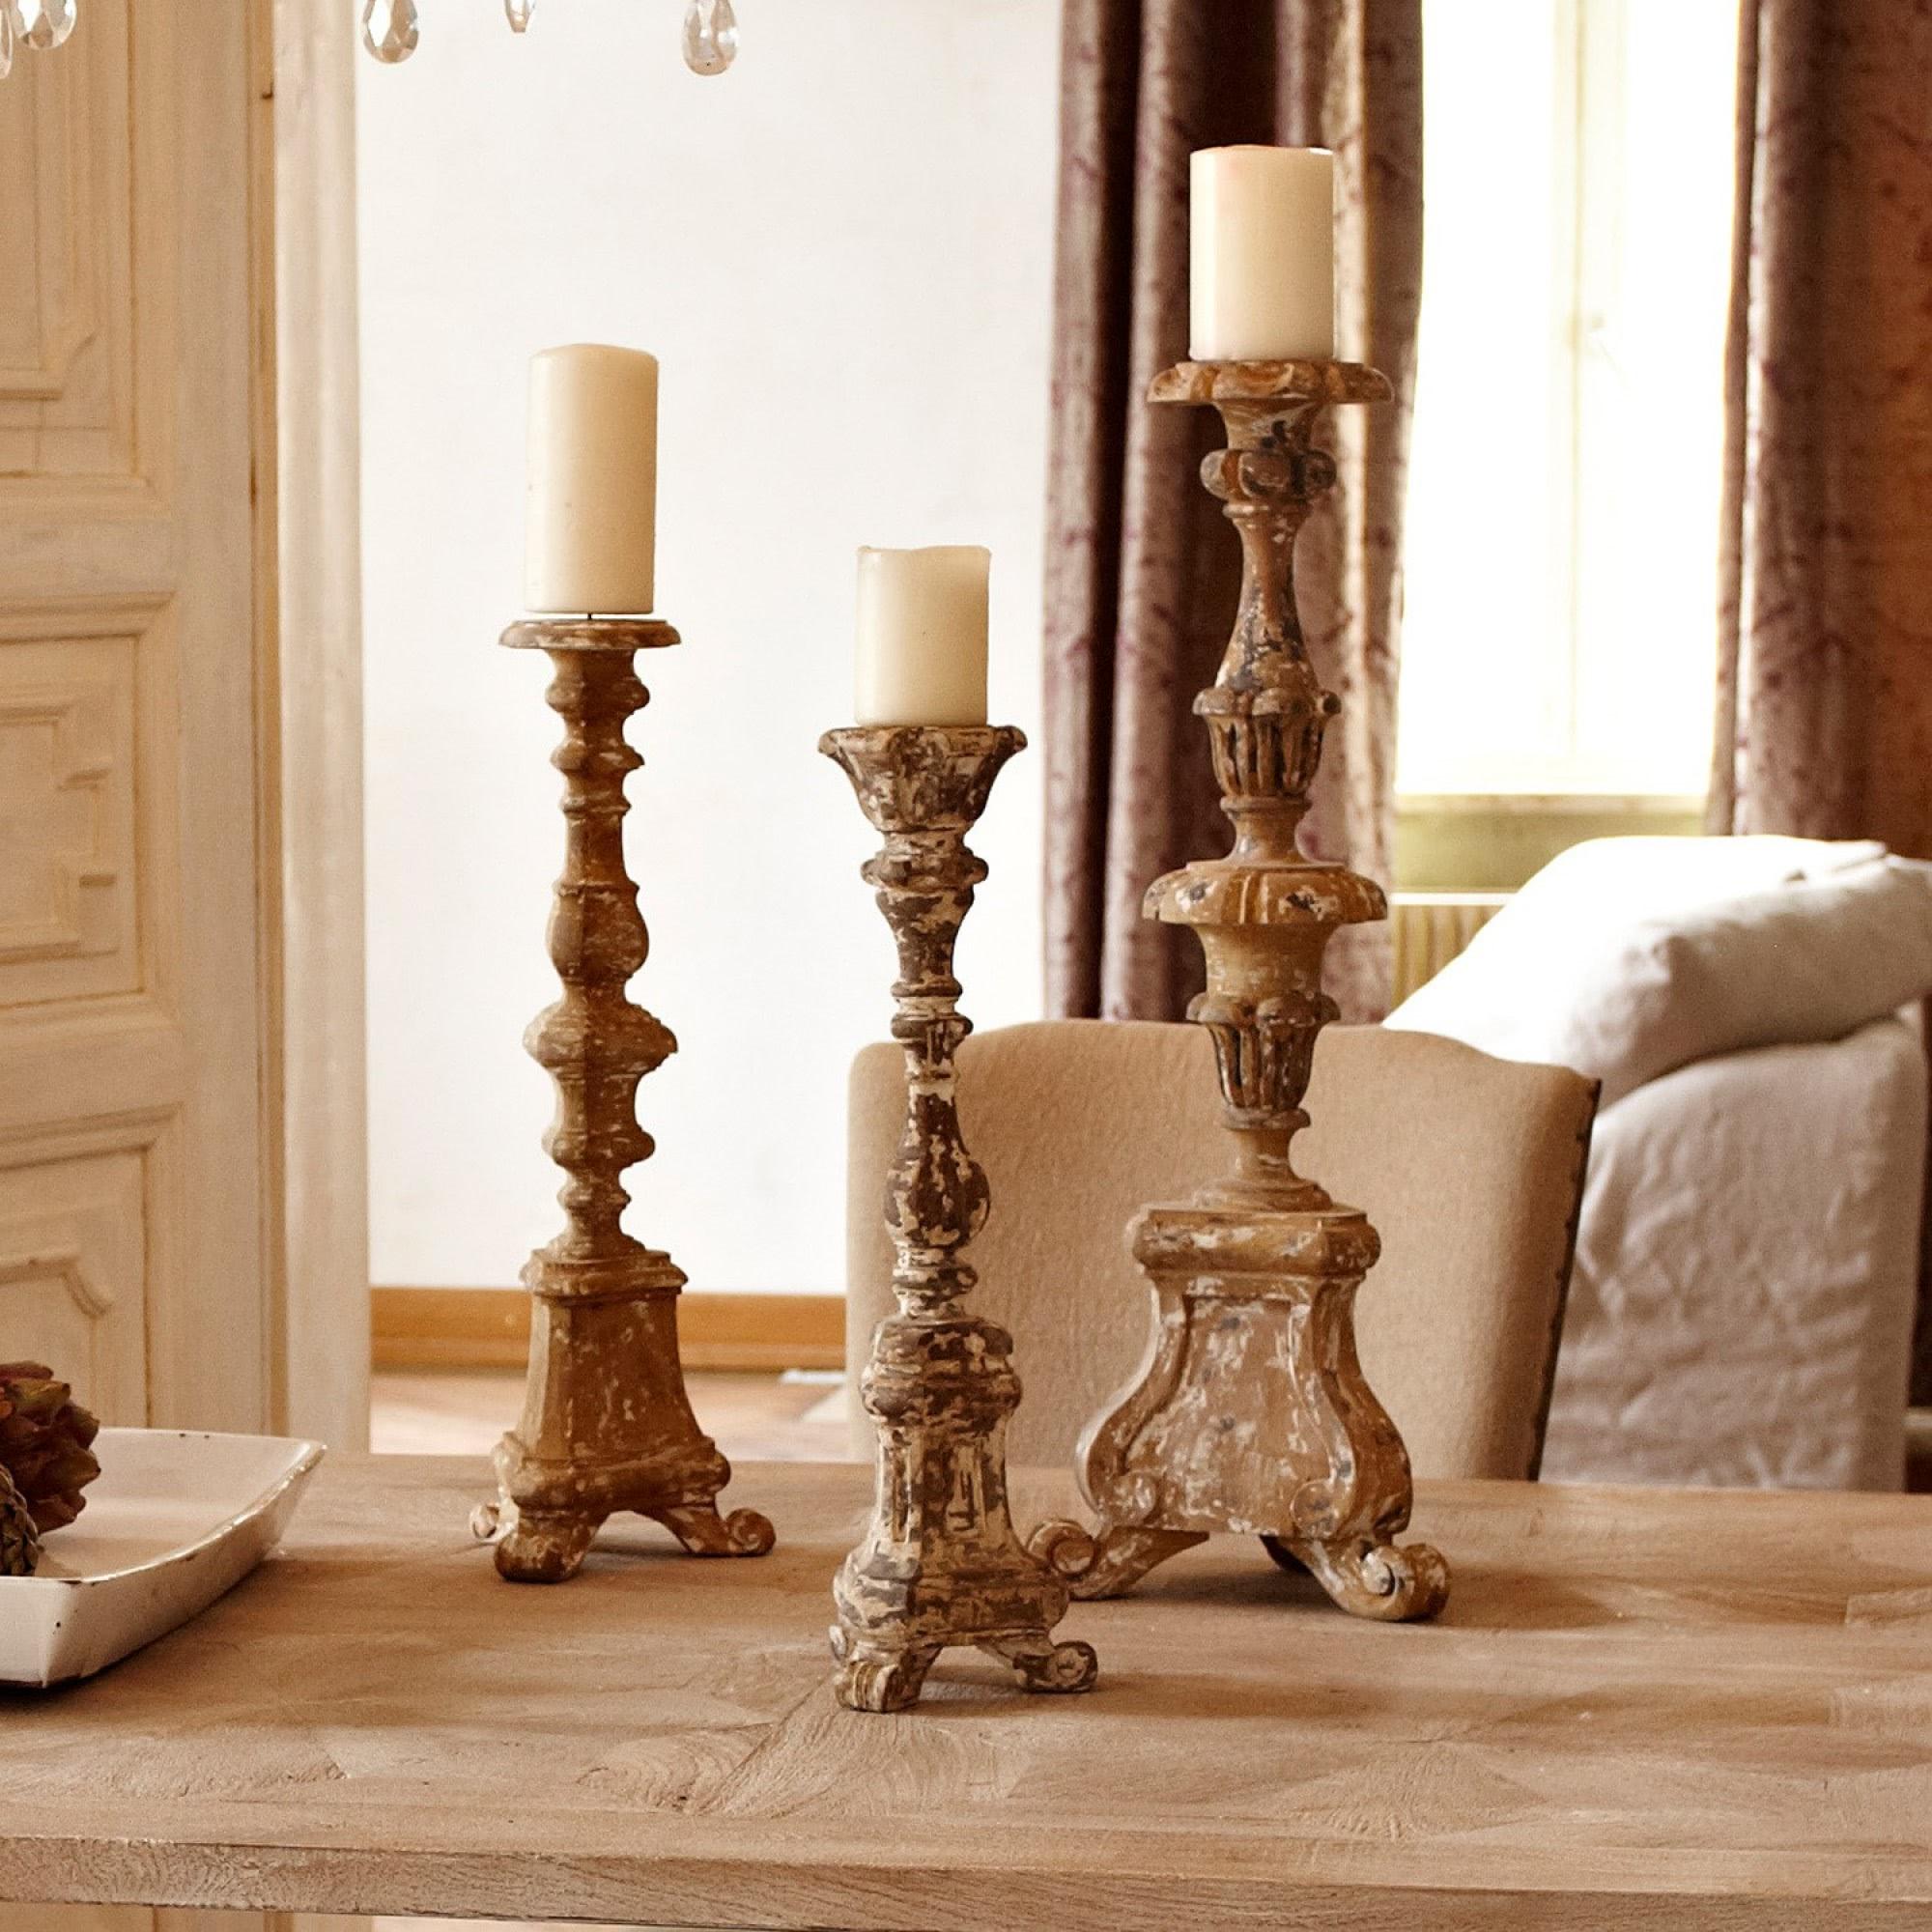 Kerzenständer 3er Set : kerzenst nder 3er set rubigny loberon coming home ~ Watch28wear.com Haus und Dekorationen